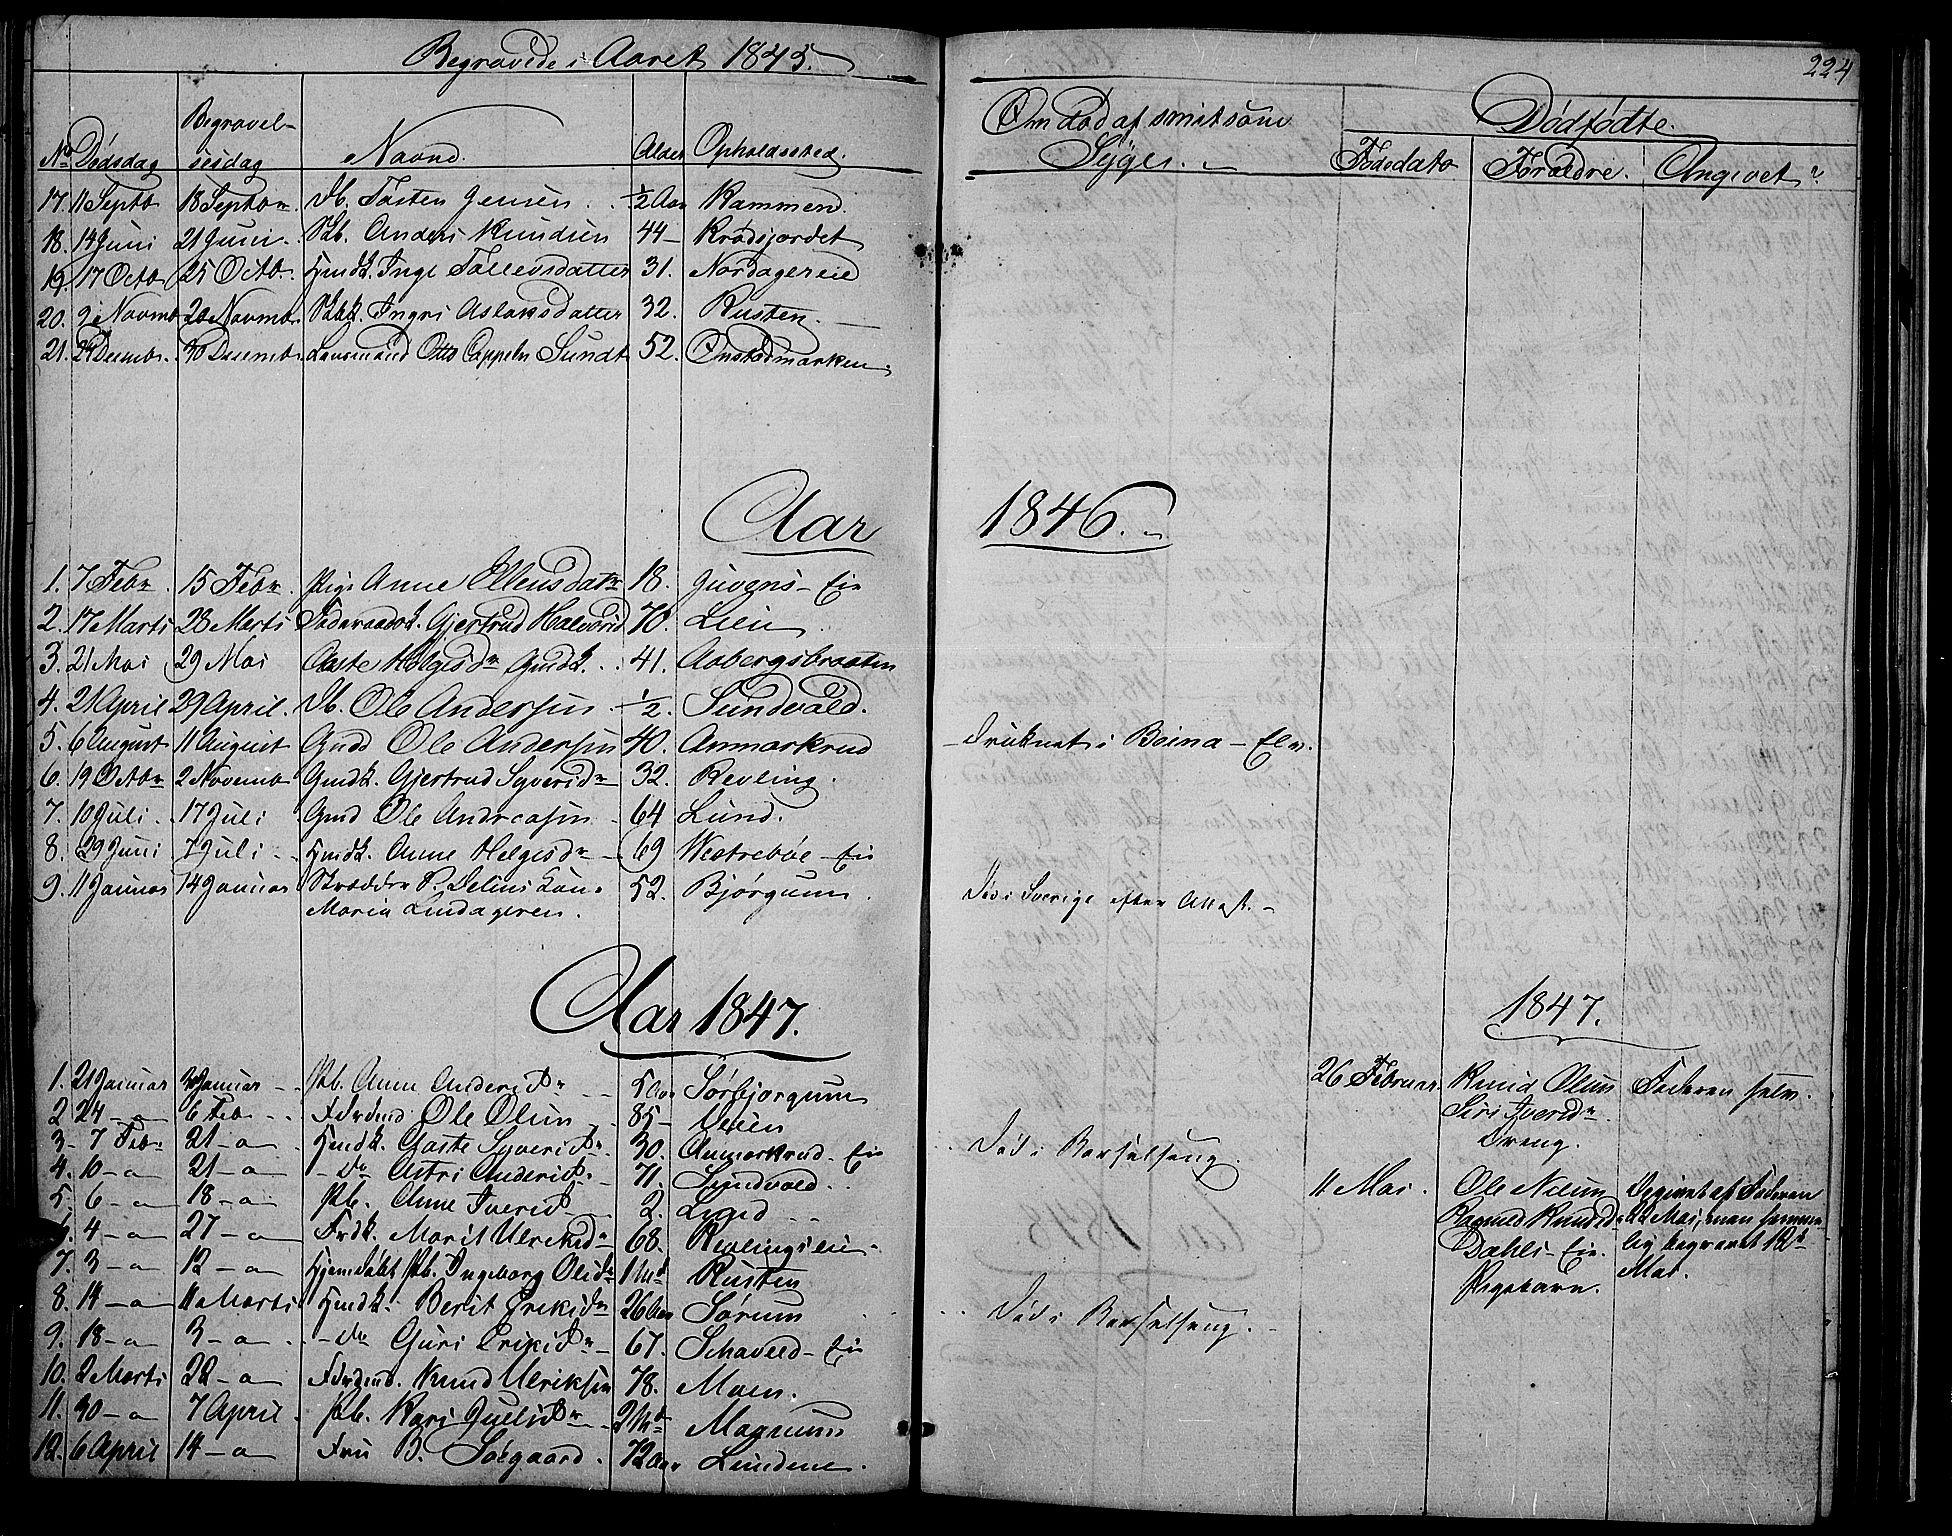 SAH, Nord-Aurdal prestekontor, Klokkerbok nr. 2, 1842-1877, s. 224